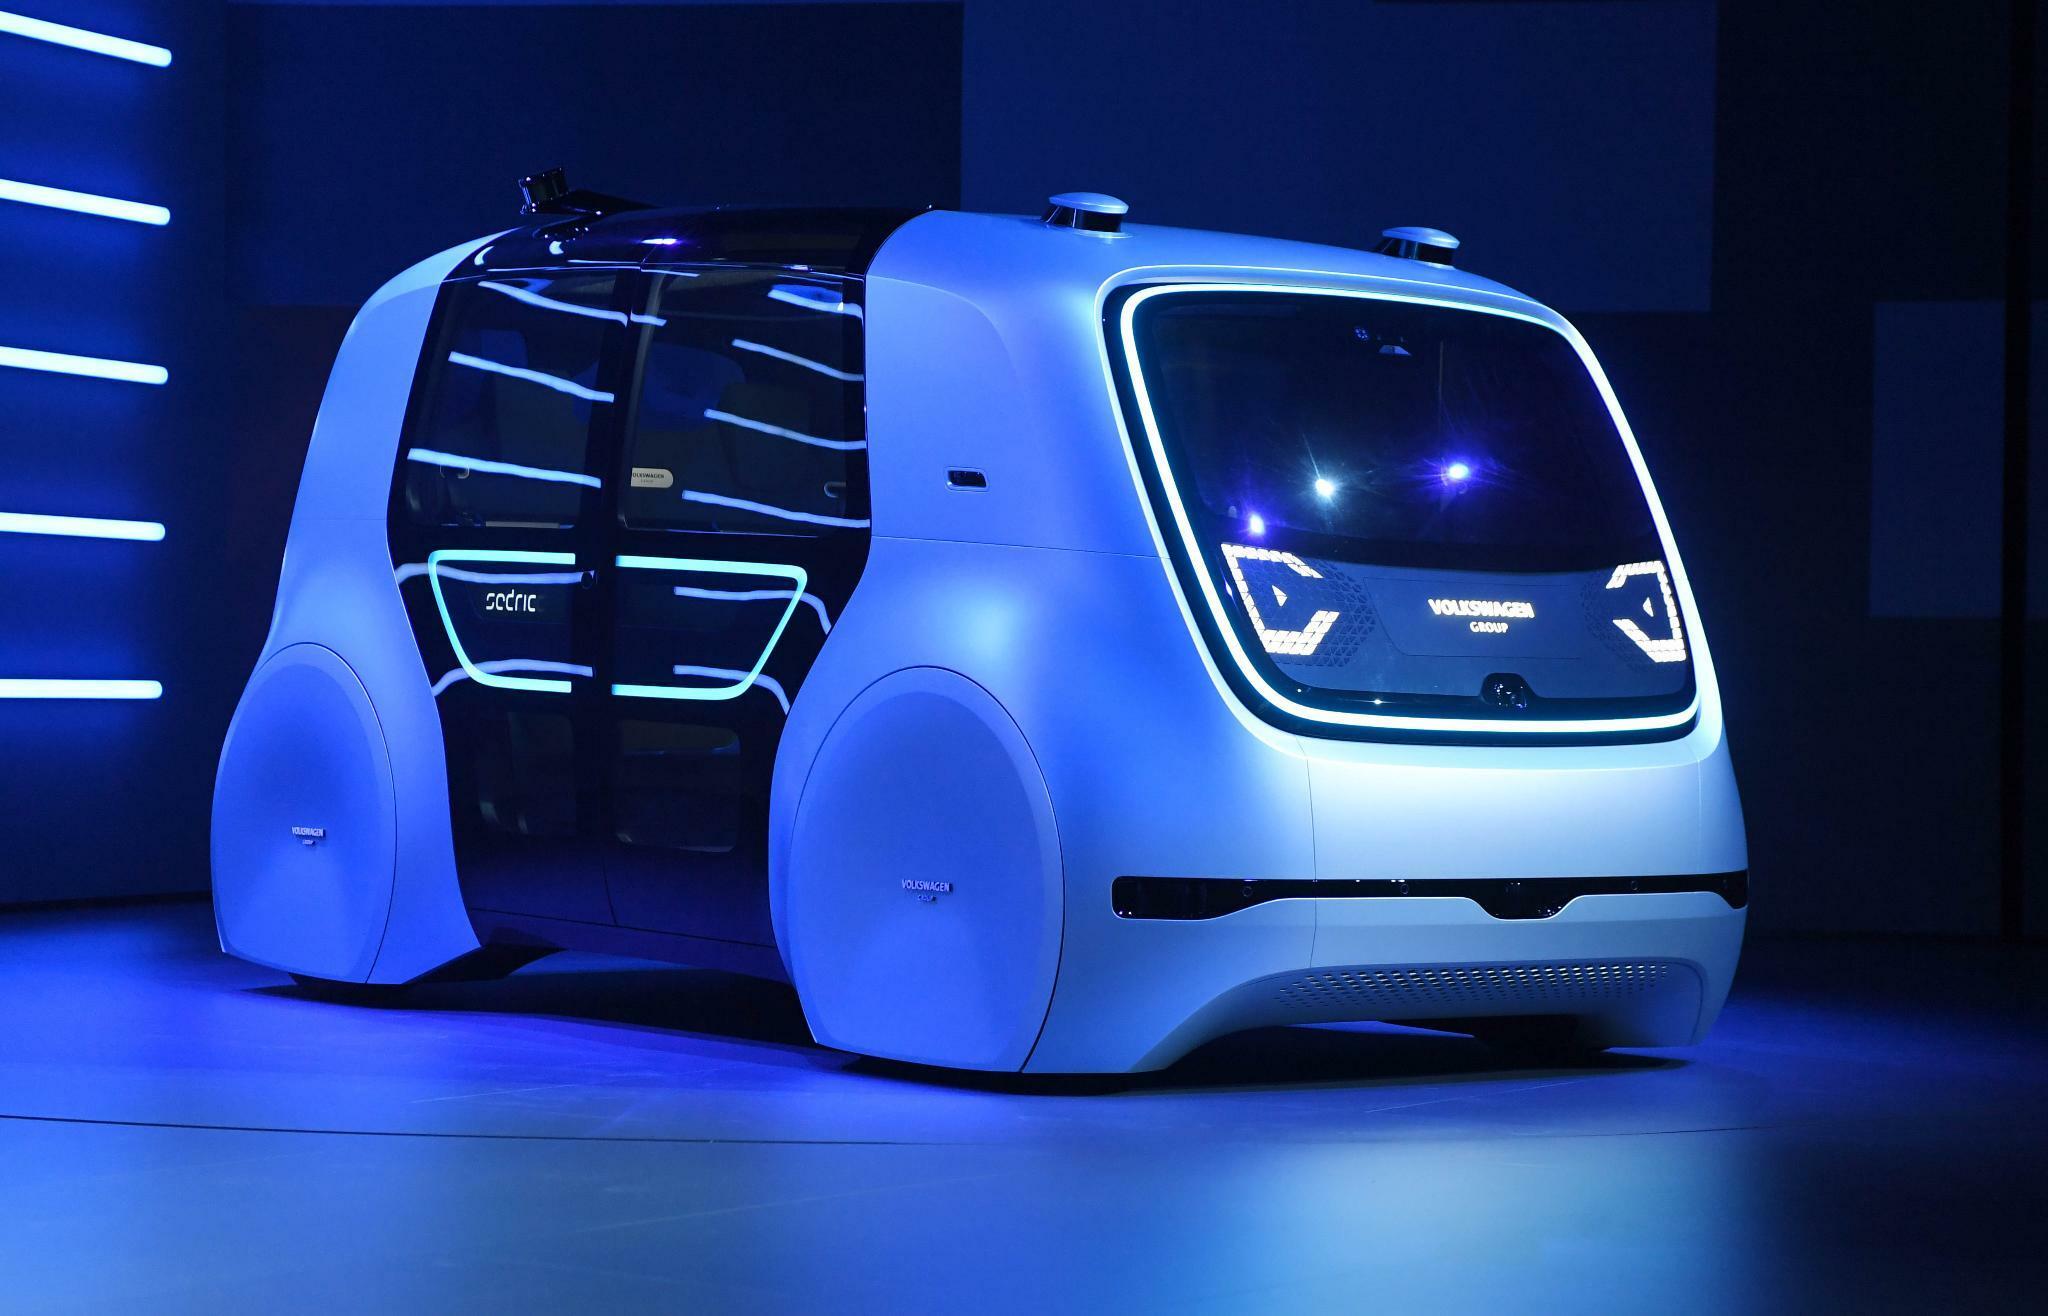 Der Traum vom Roboterauto: Zwischen Euphorie und Ernüchterung